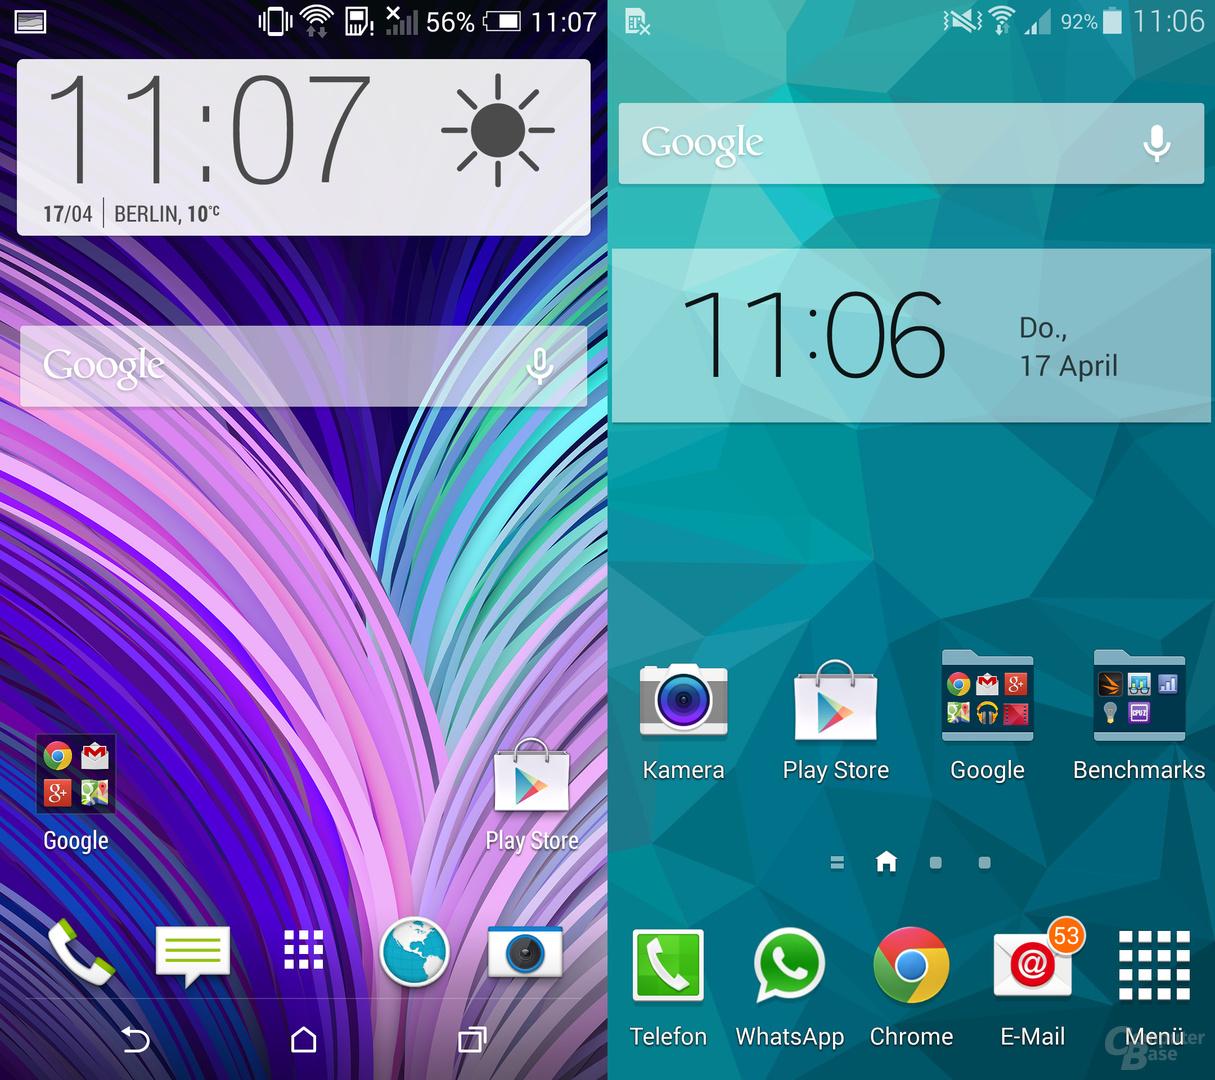 HTC One (M8) & Samsung Galaxy S5: Startbildschirm